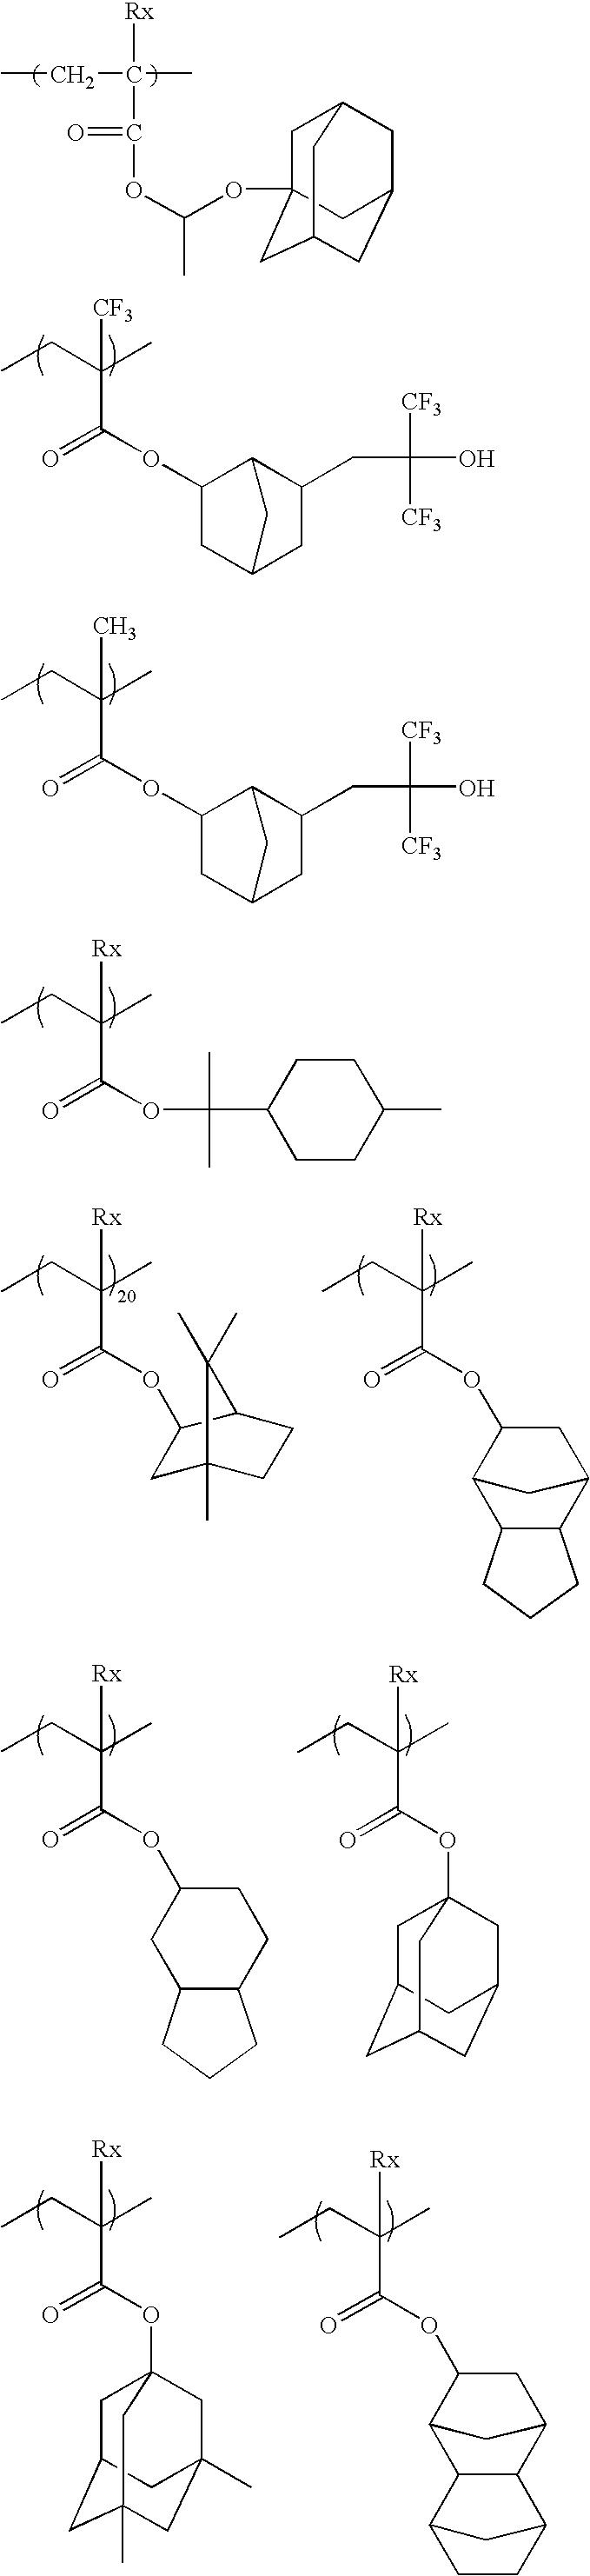 Figure US08741537-20140603-C00013